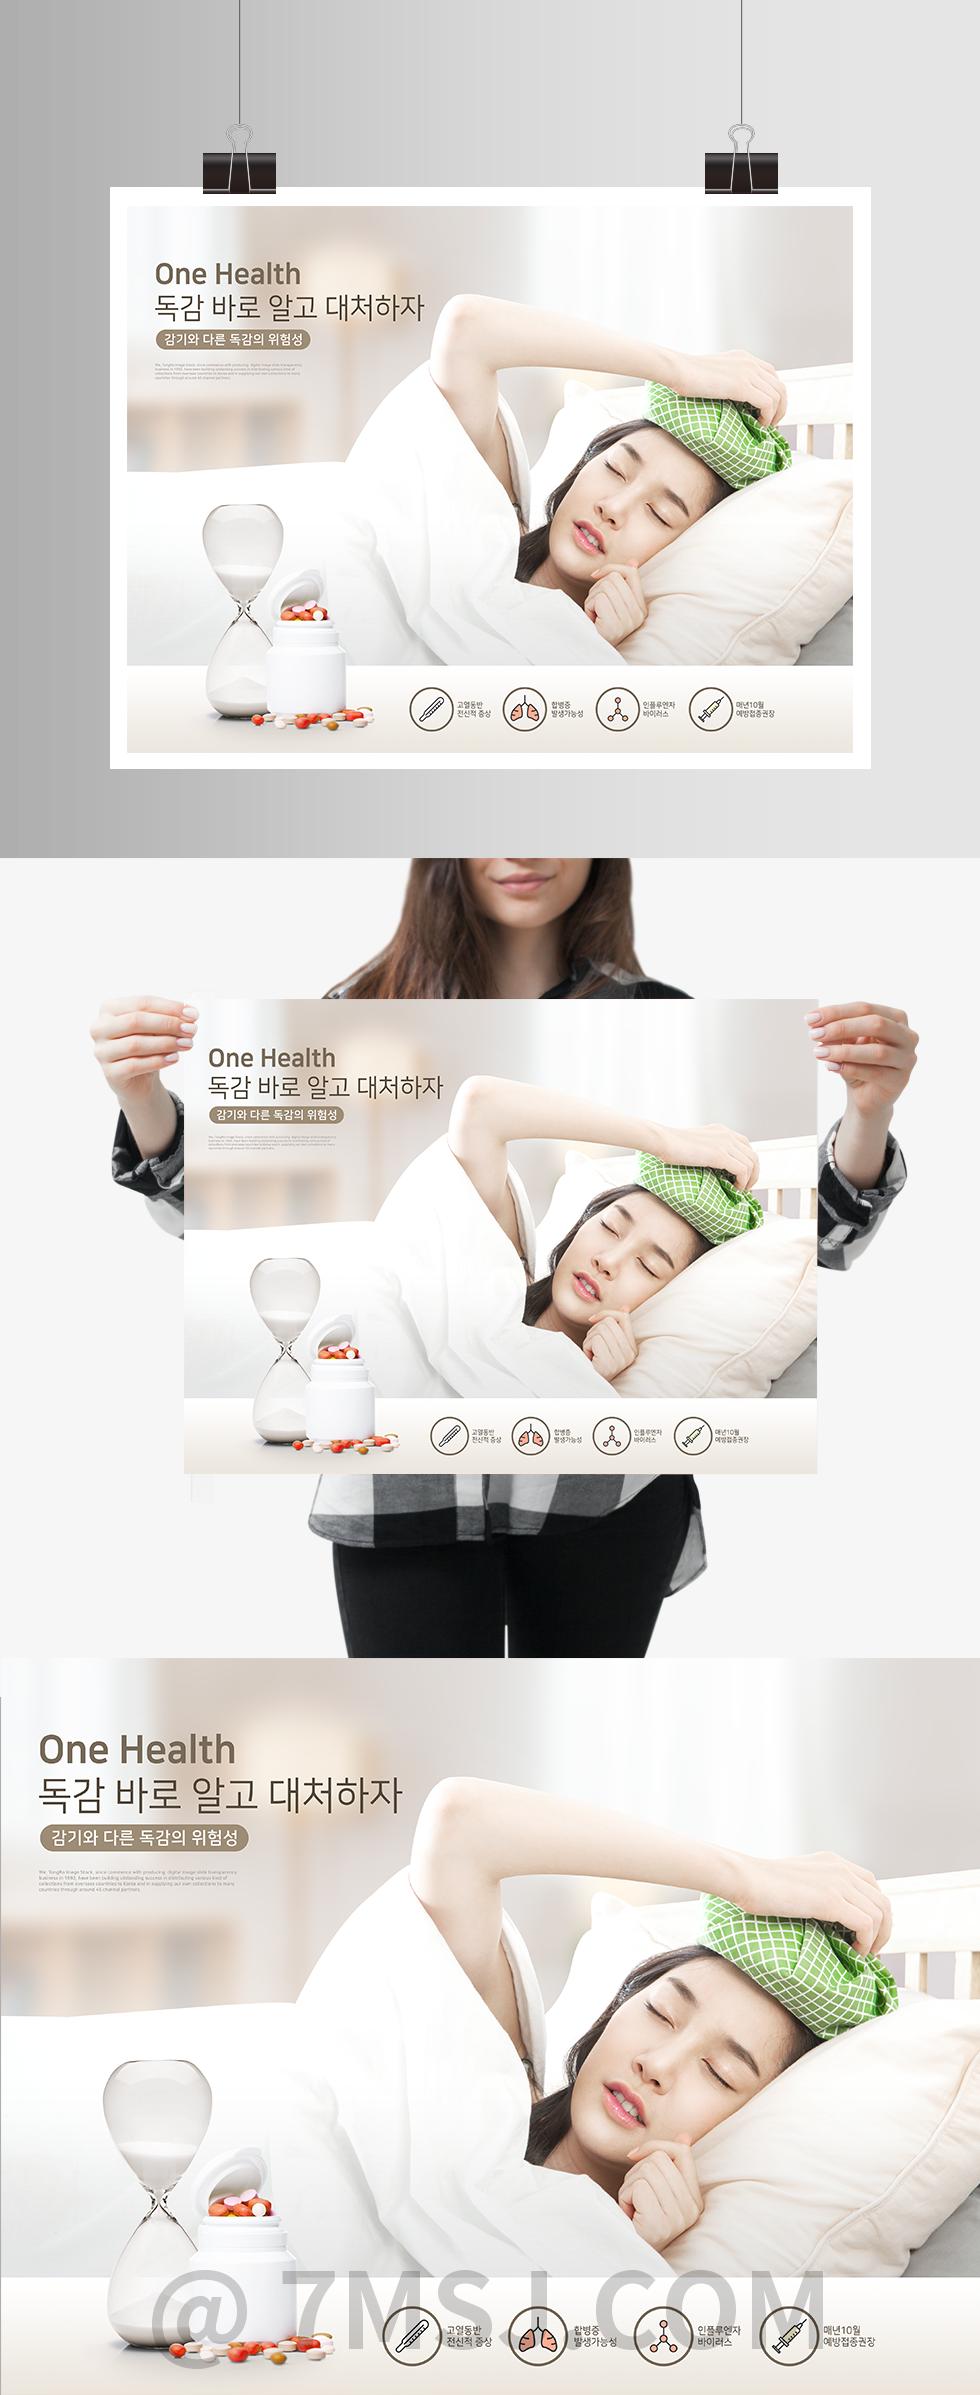 生病感冒头痛流感预防宣传海报素材